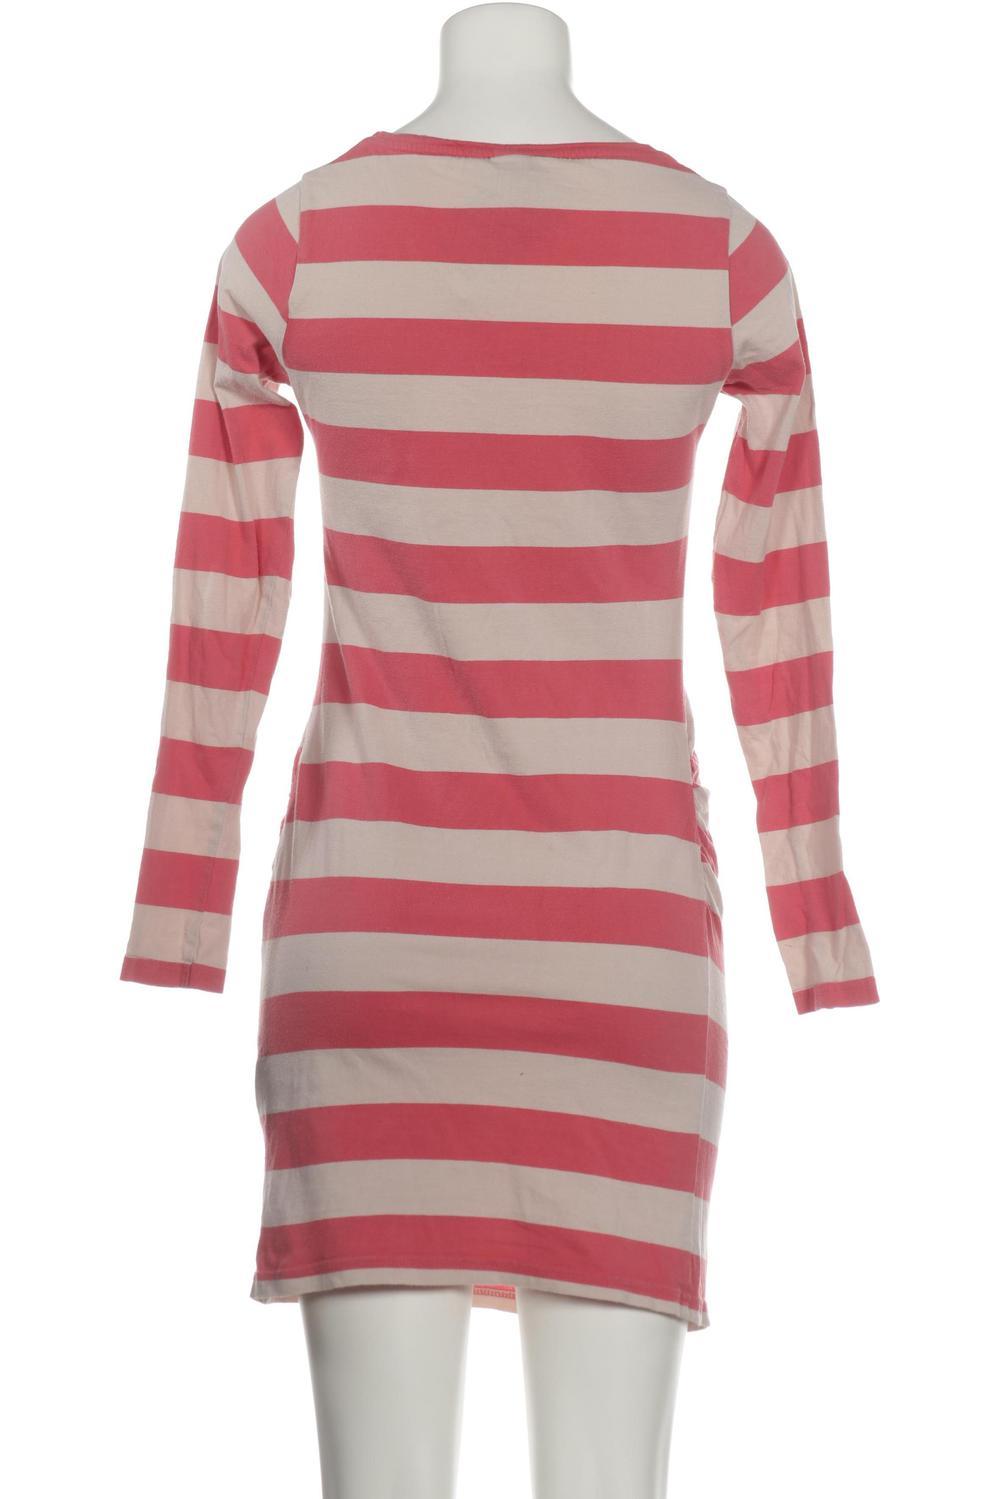 H&M Mama Damen Kleid INT S Second Hand kaufen   ubup